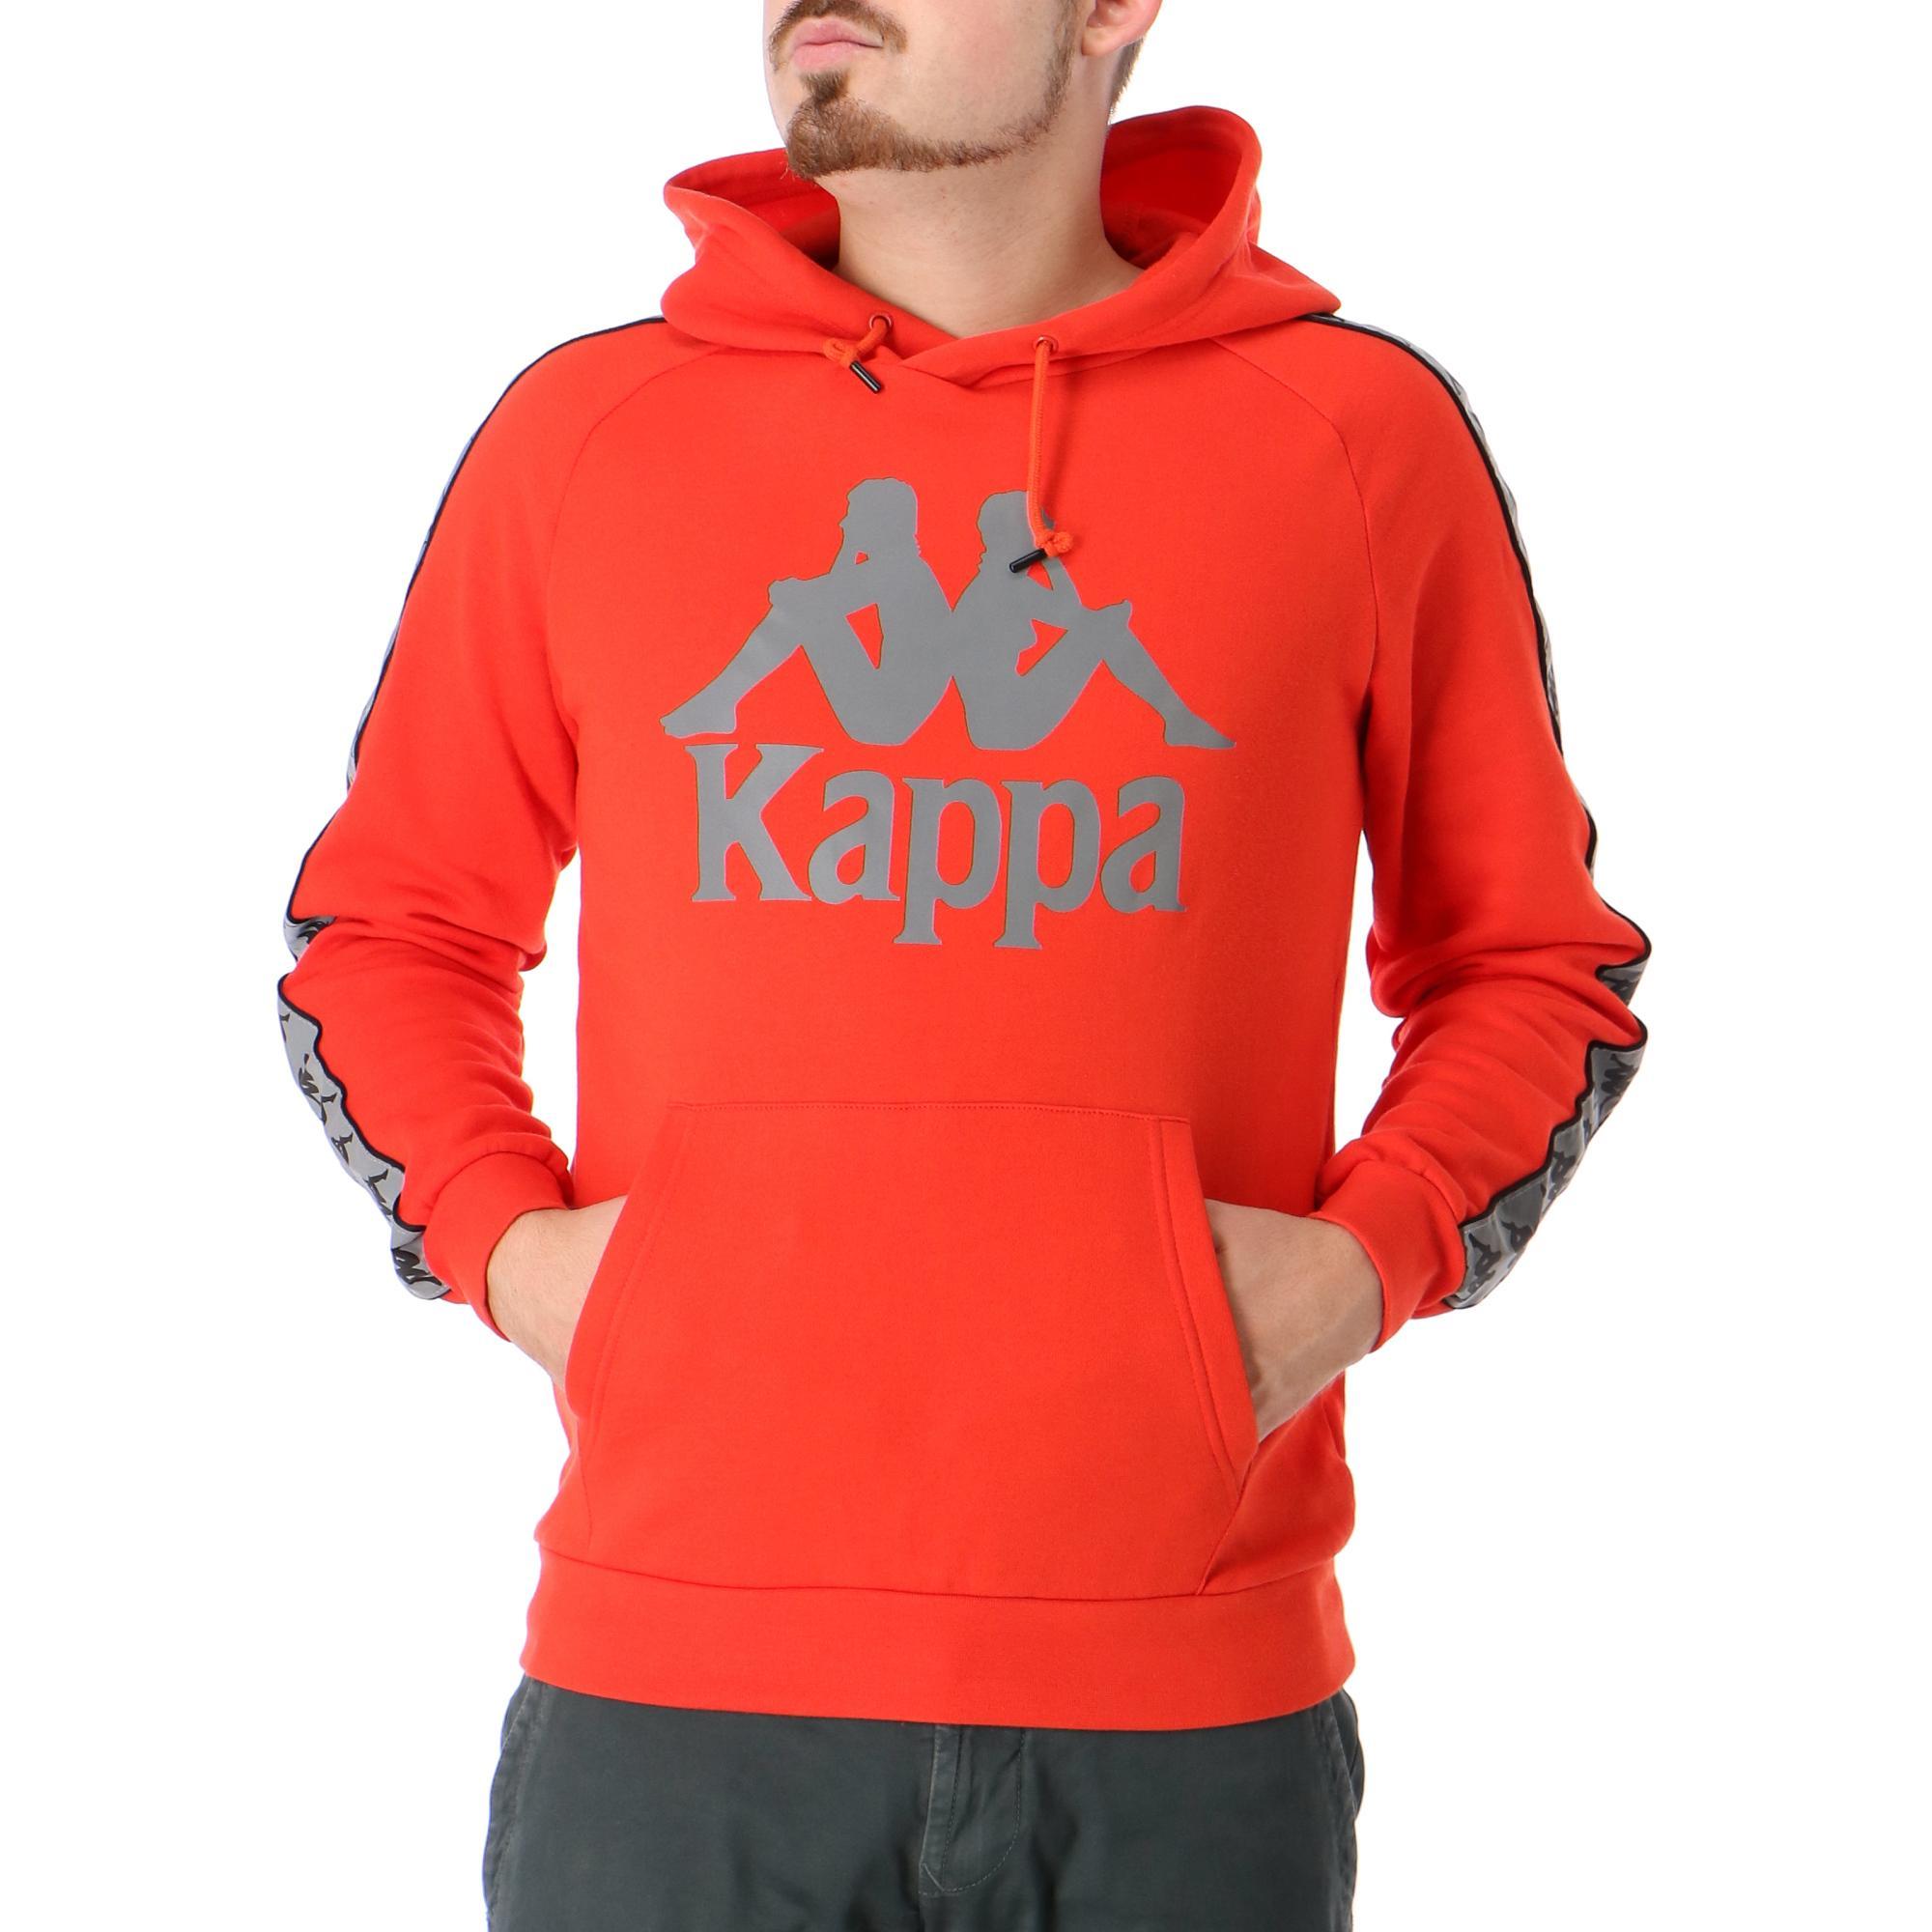 Kappa Durtado Orange reddish silver